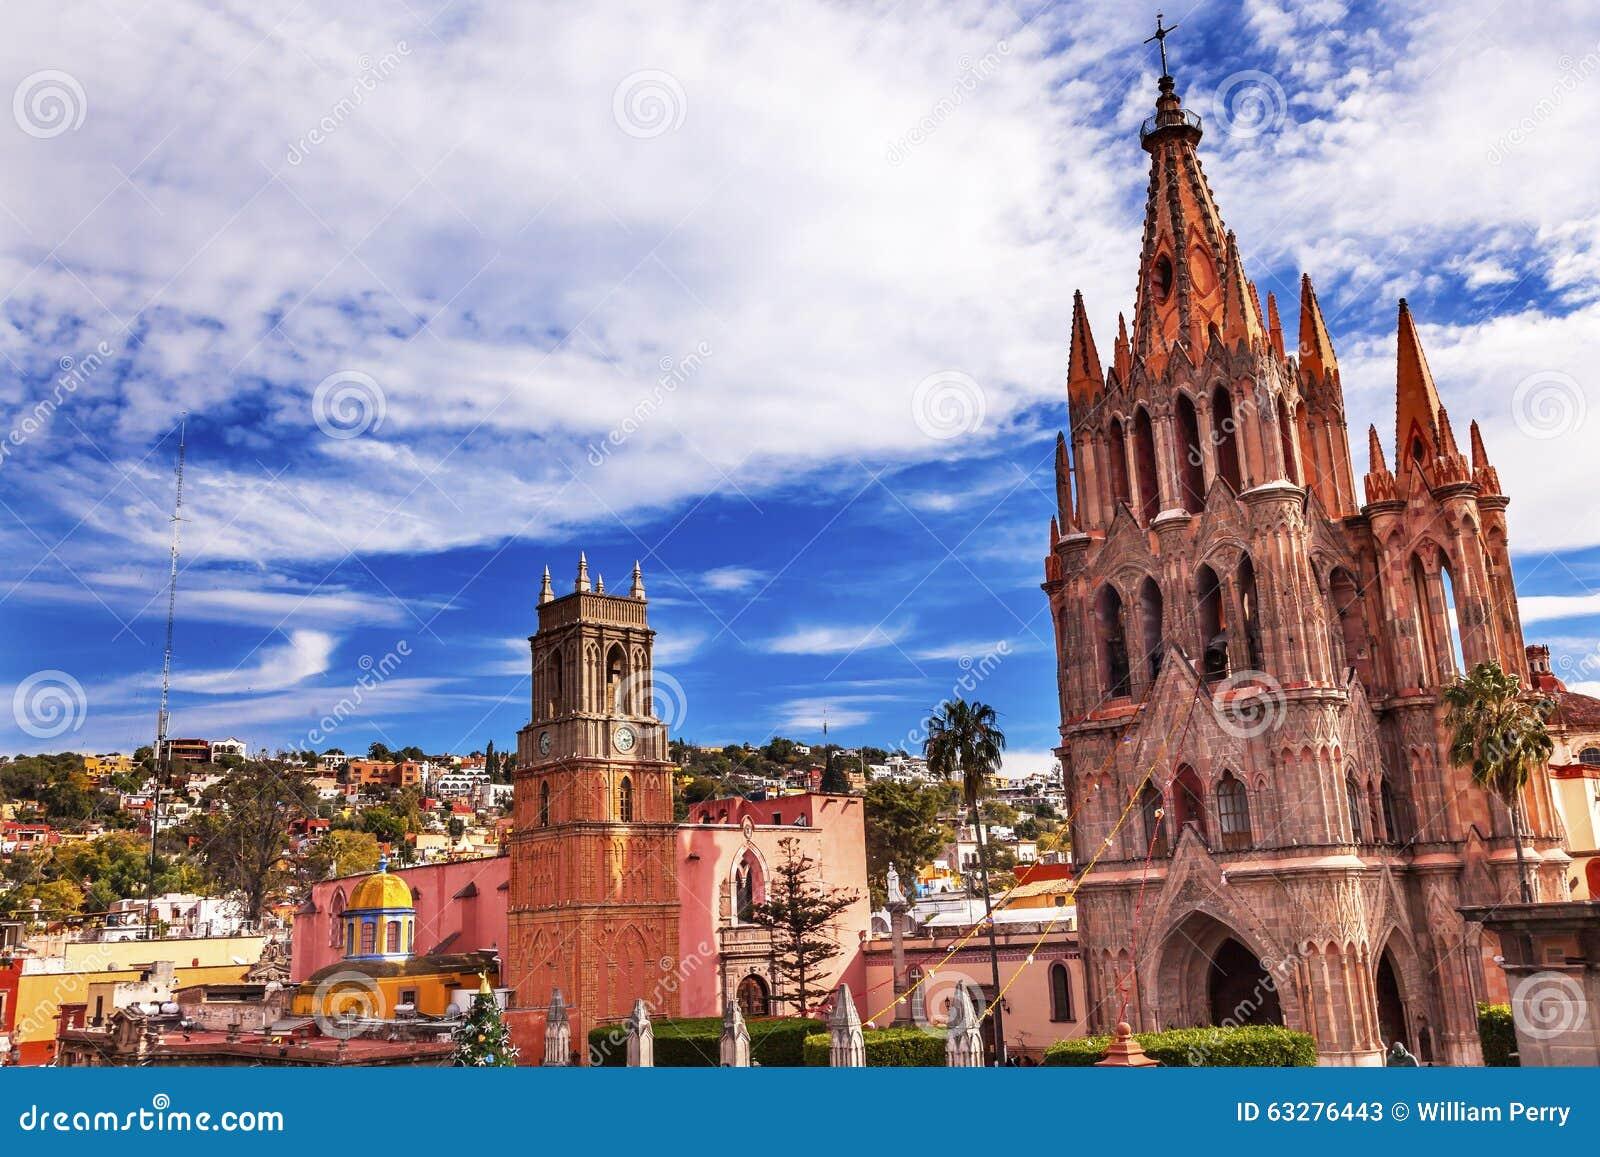 Parroquia Rafael Churches San Miguel de Allende Mexiko